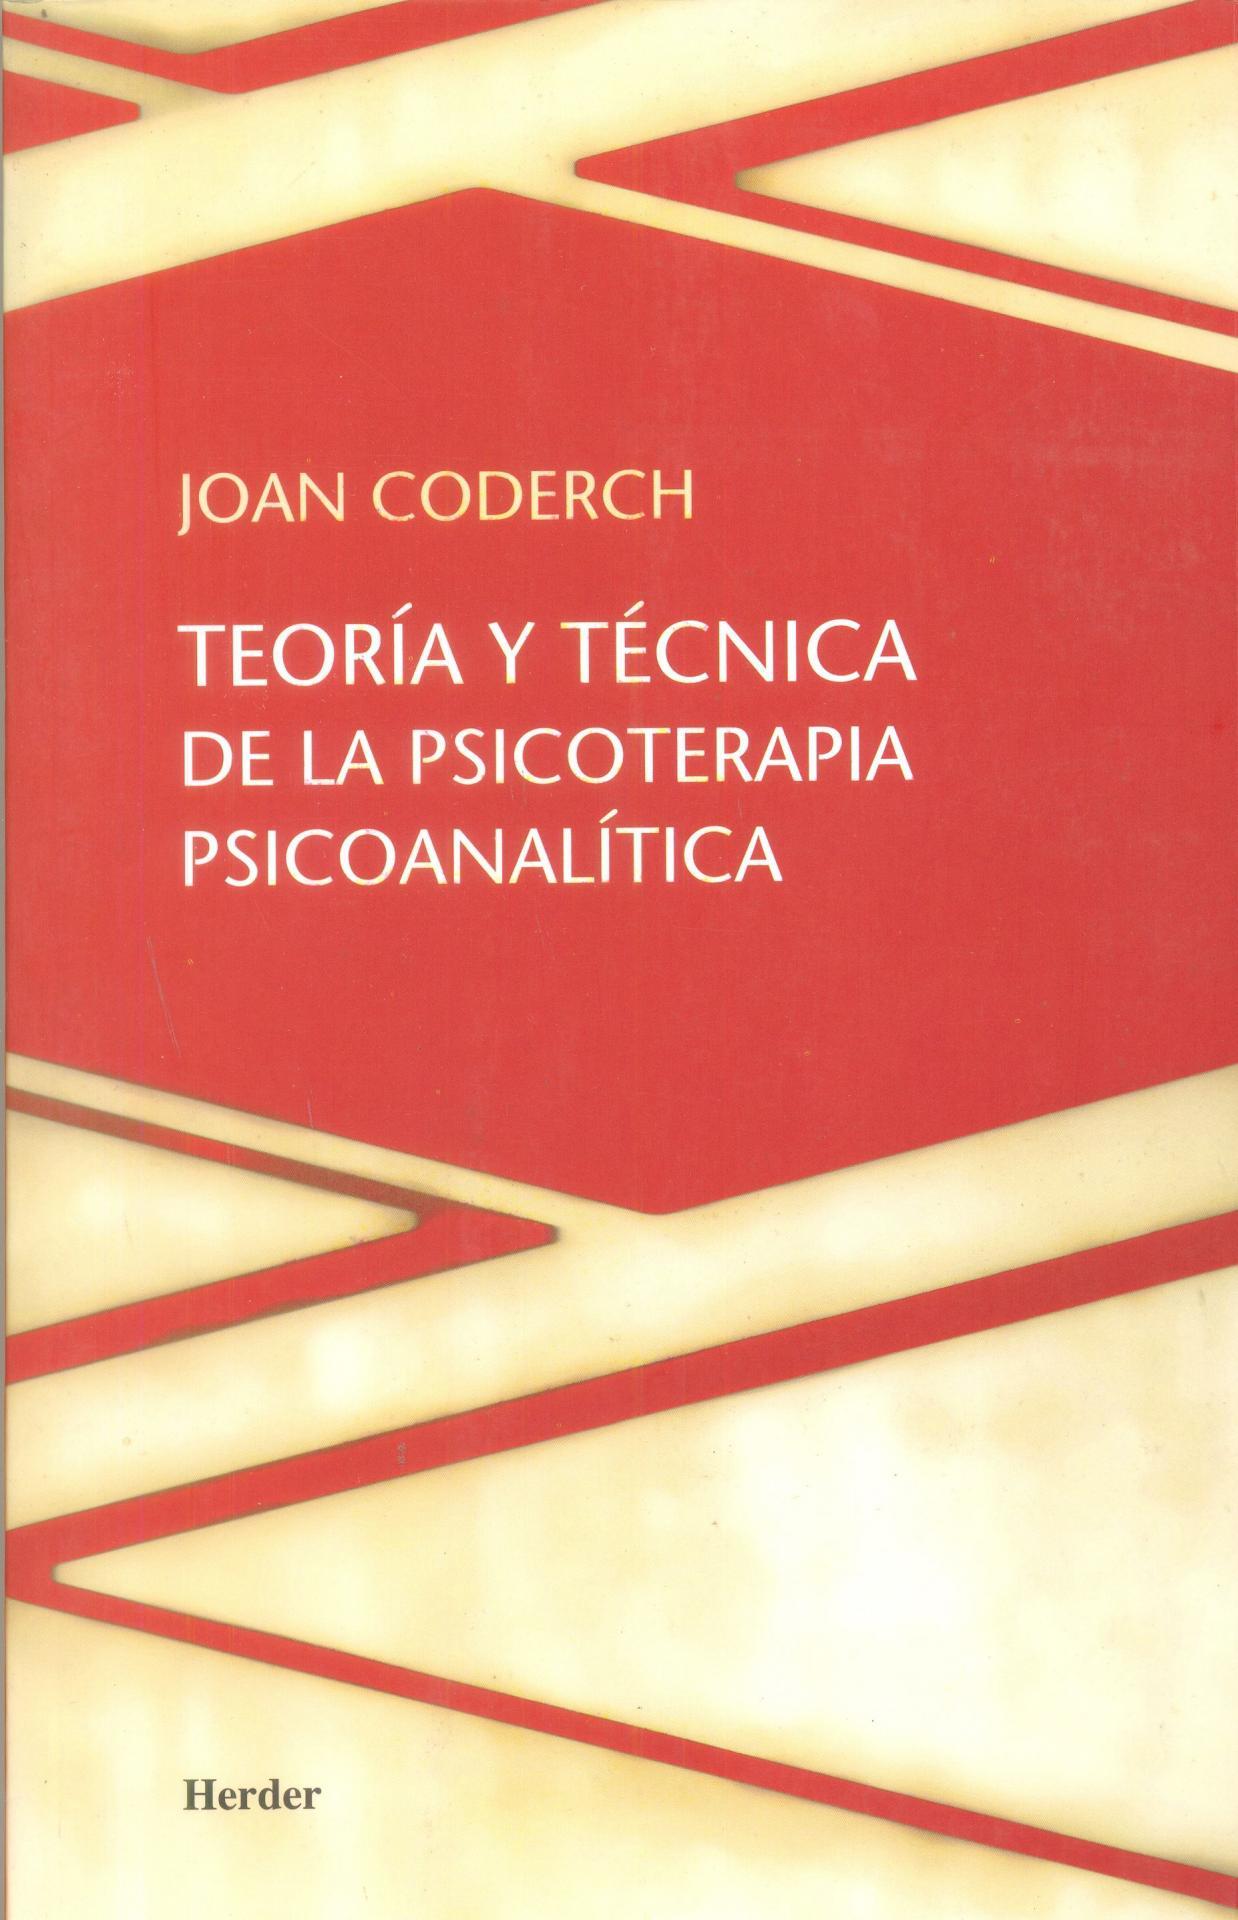 TEORÍA Y PRÁCTICA DE LA PSICOTERAPIA PSICOANALÍTICA.  Coderch, J.